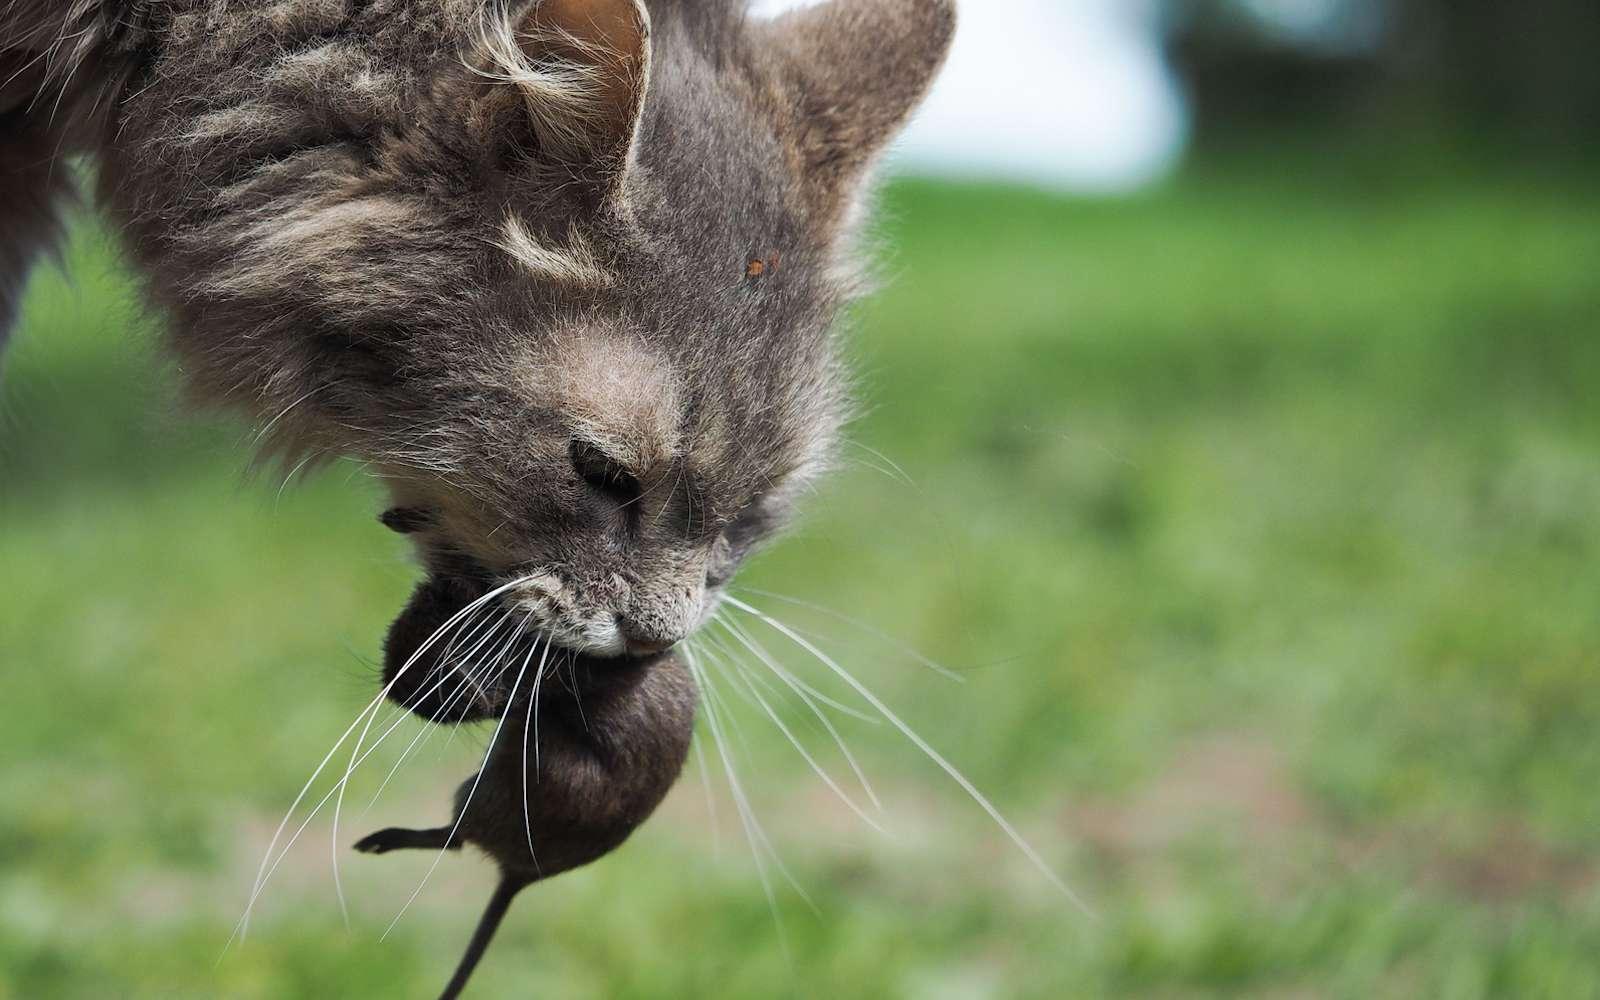 Les chats sont de très mauvais chasseurs de rats. © kozorog, Fotolia